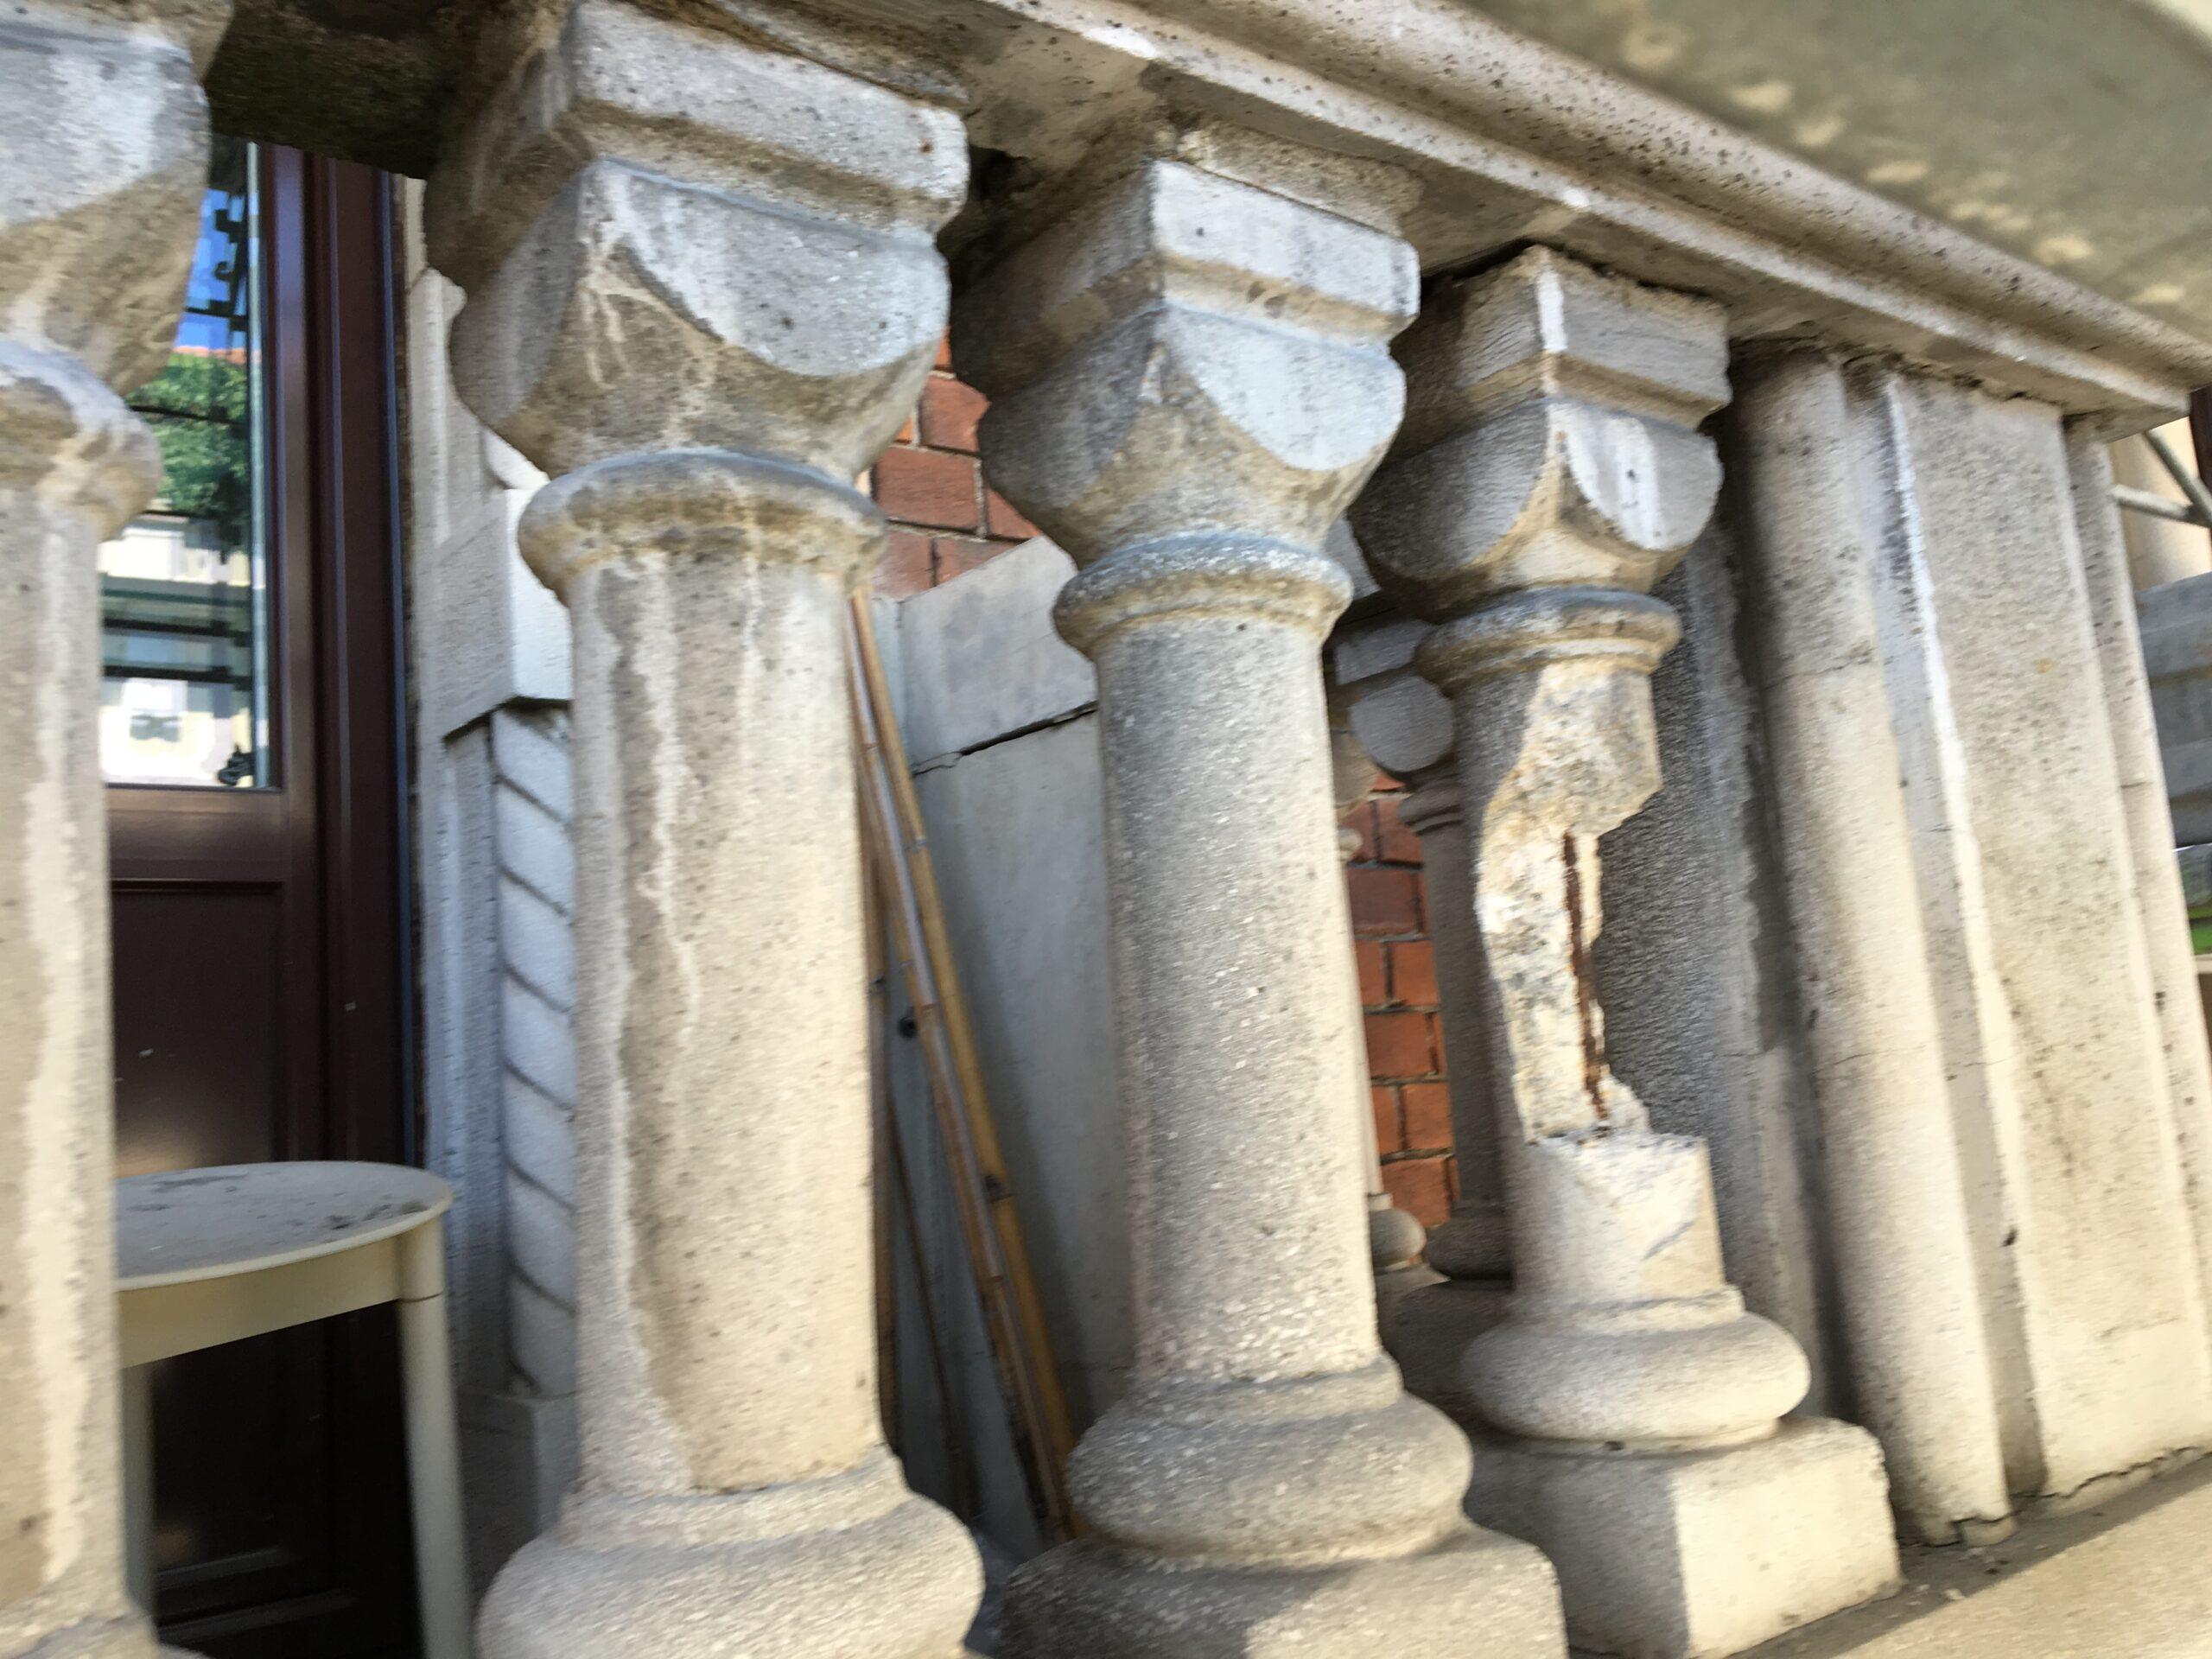 2. Balaustra colonnata in calcestruzzo armato degradata per distacco, corrosione armatura e alterazione cromatica: stato di fatto.